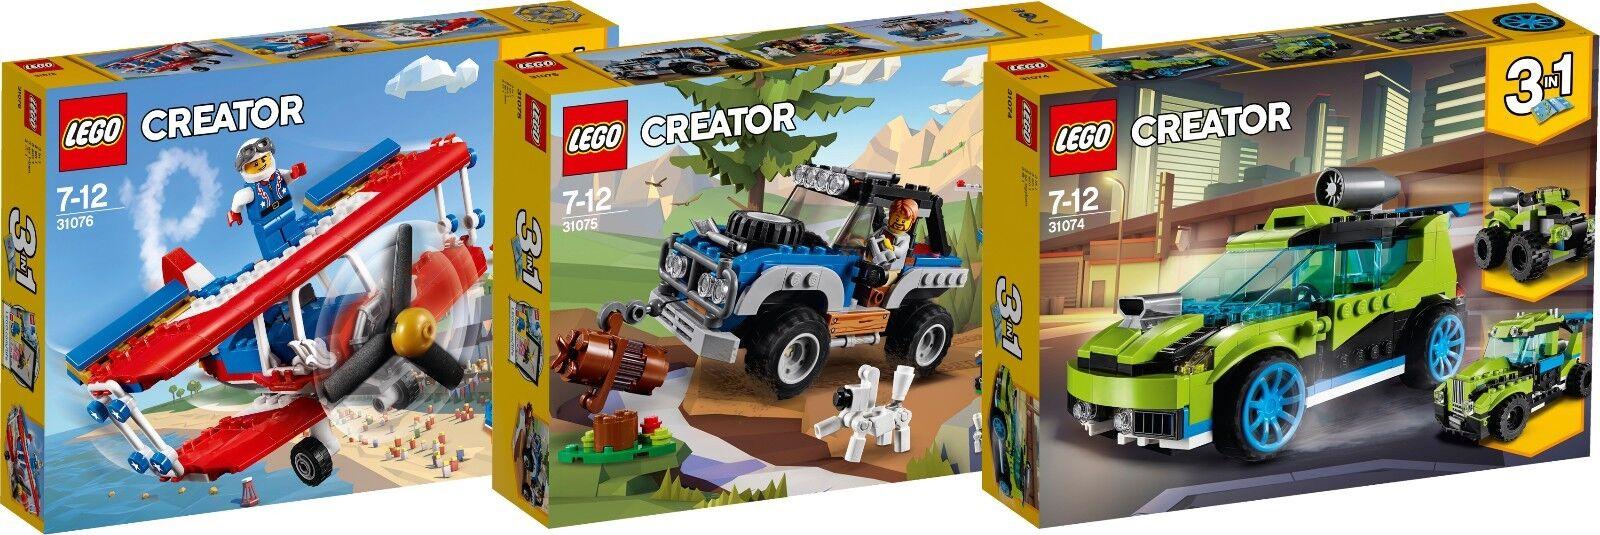 LEGO Creator volants Aviateur 31076 31075 31074 Rallye Speeder 3 in 1 n1 18